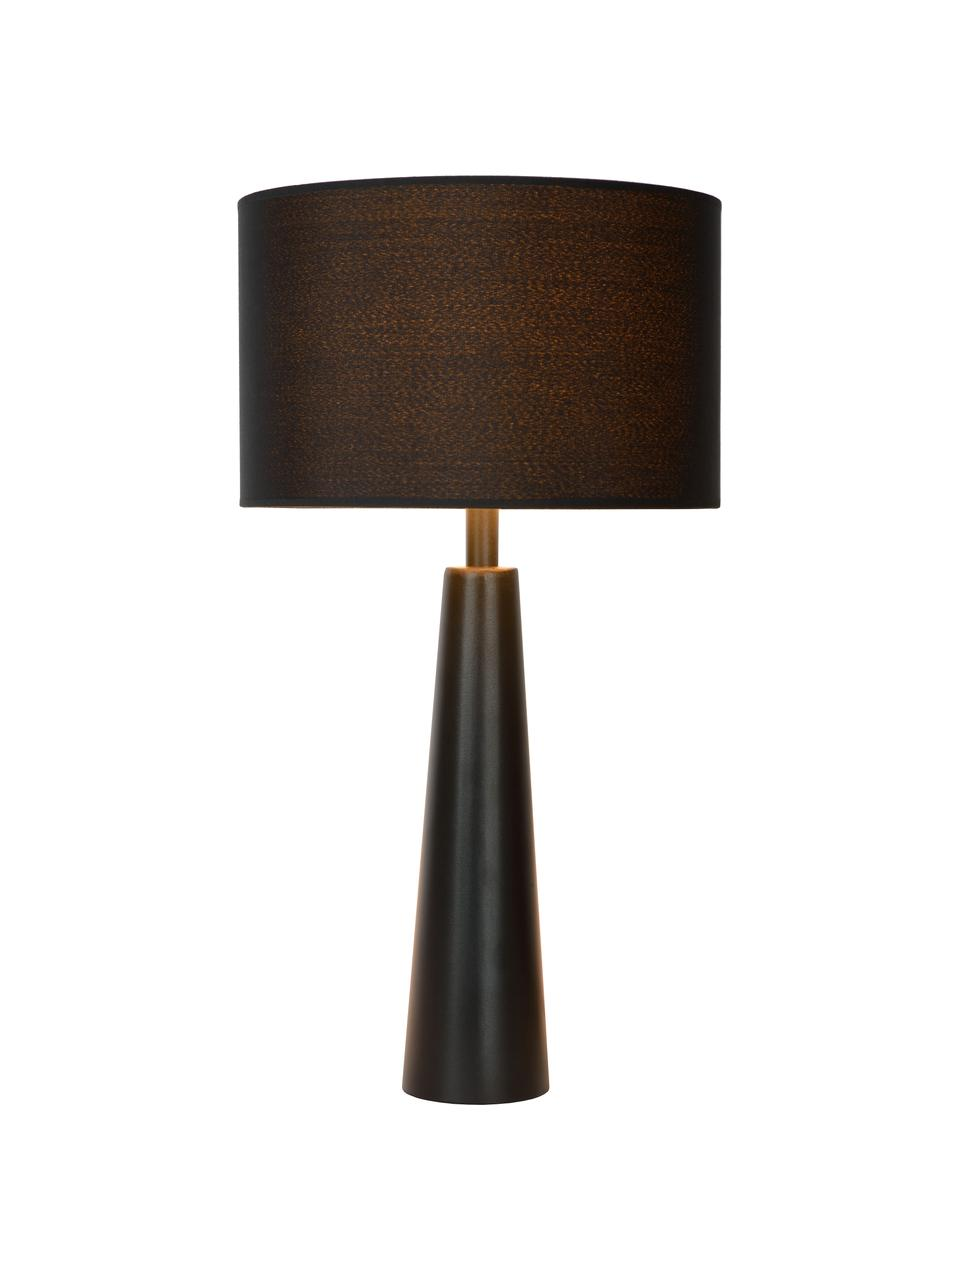 Große Tischlampe Yessin mit Leinenschirm, Lampenschirm: Leinen, Lampenfuß: Metall, beschichtet, Schwarz, Ø 32 x H 58 cm